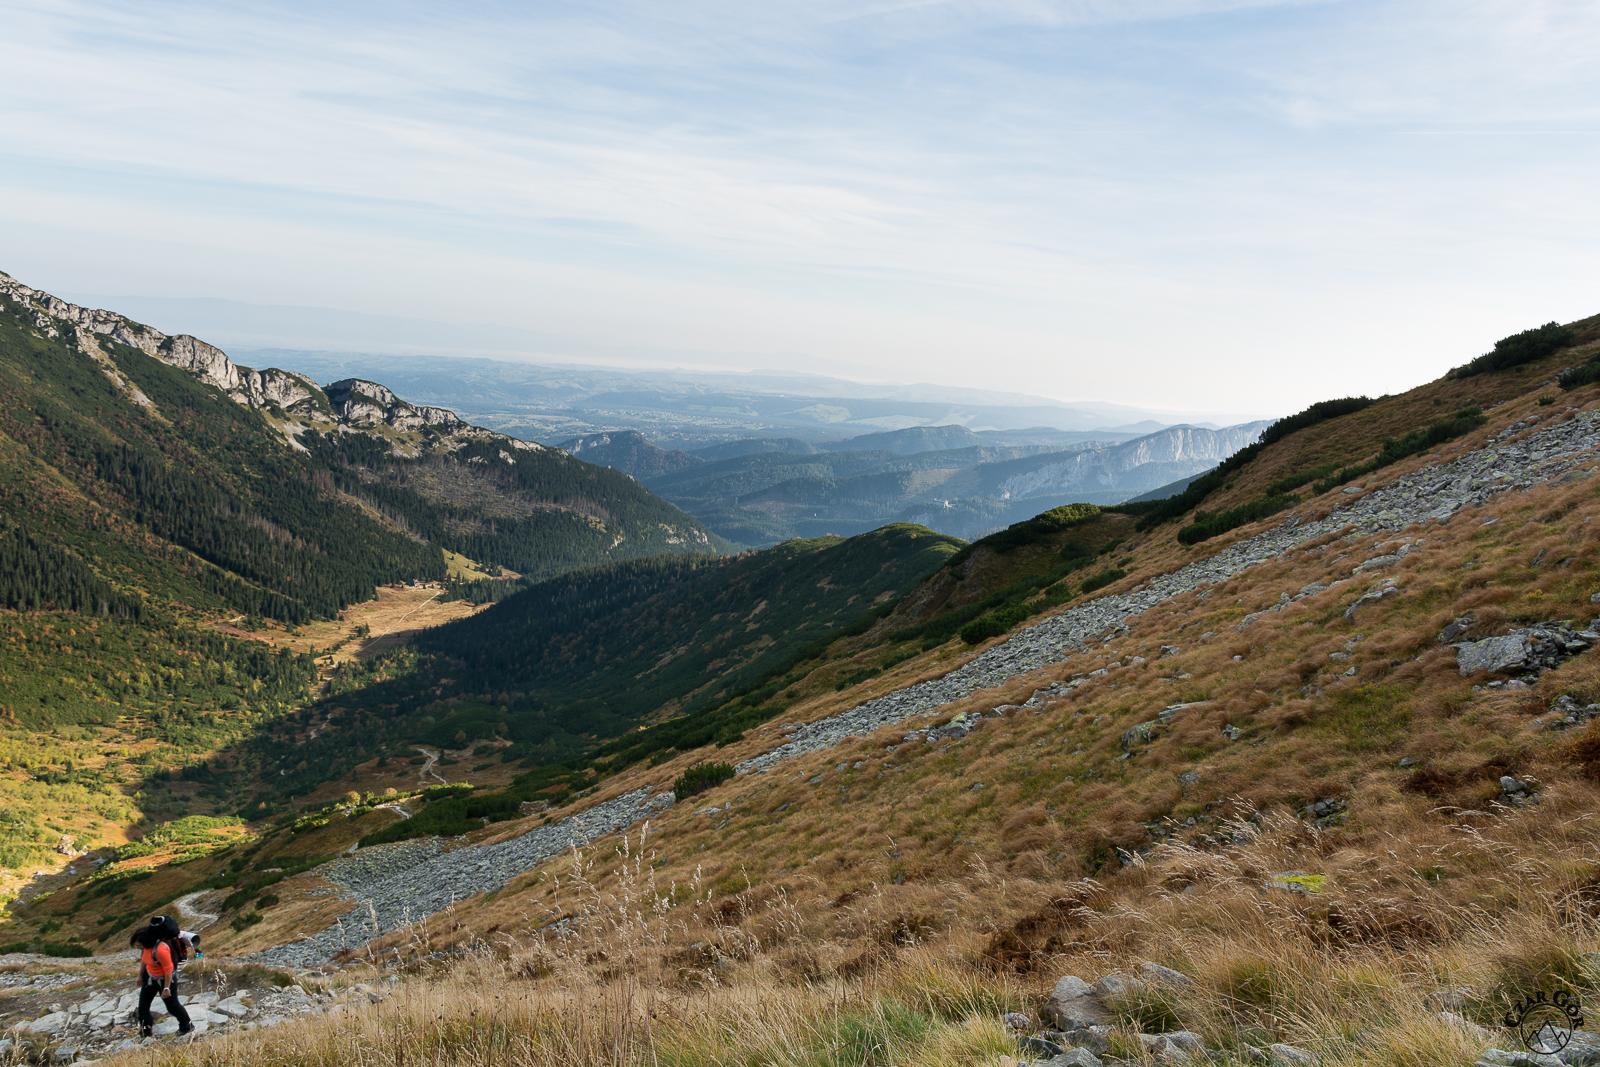 W dole Dolina Kondratowa, po prawej ramię Łopaty, z którego zjeżdżaliśmy na skiturach :)